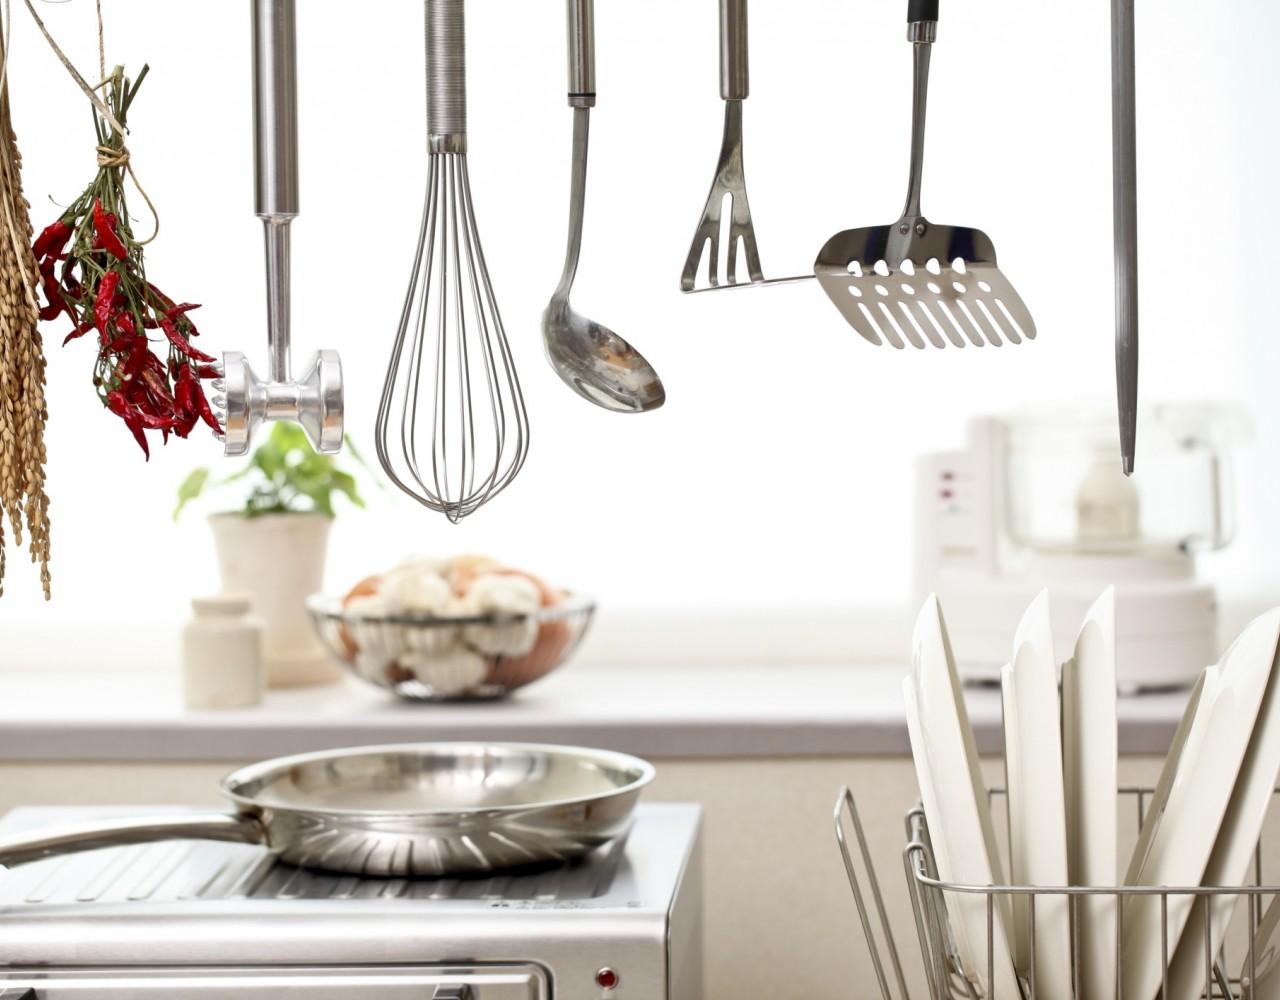 Magasin de vente des quipements cuisine professionnel chr for Produit cuisine professionnel